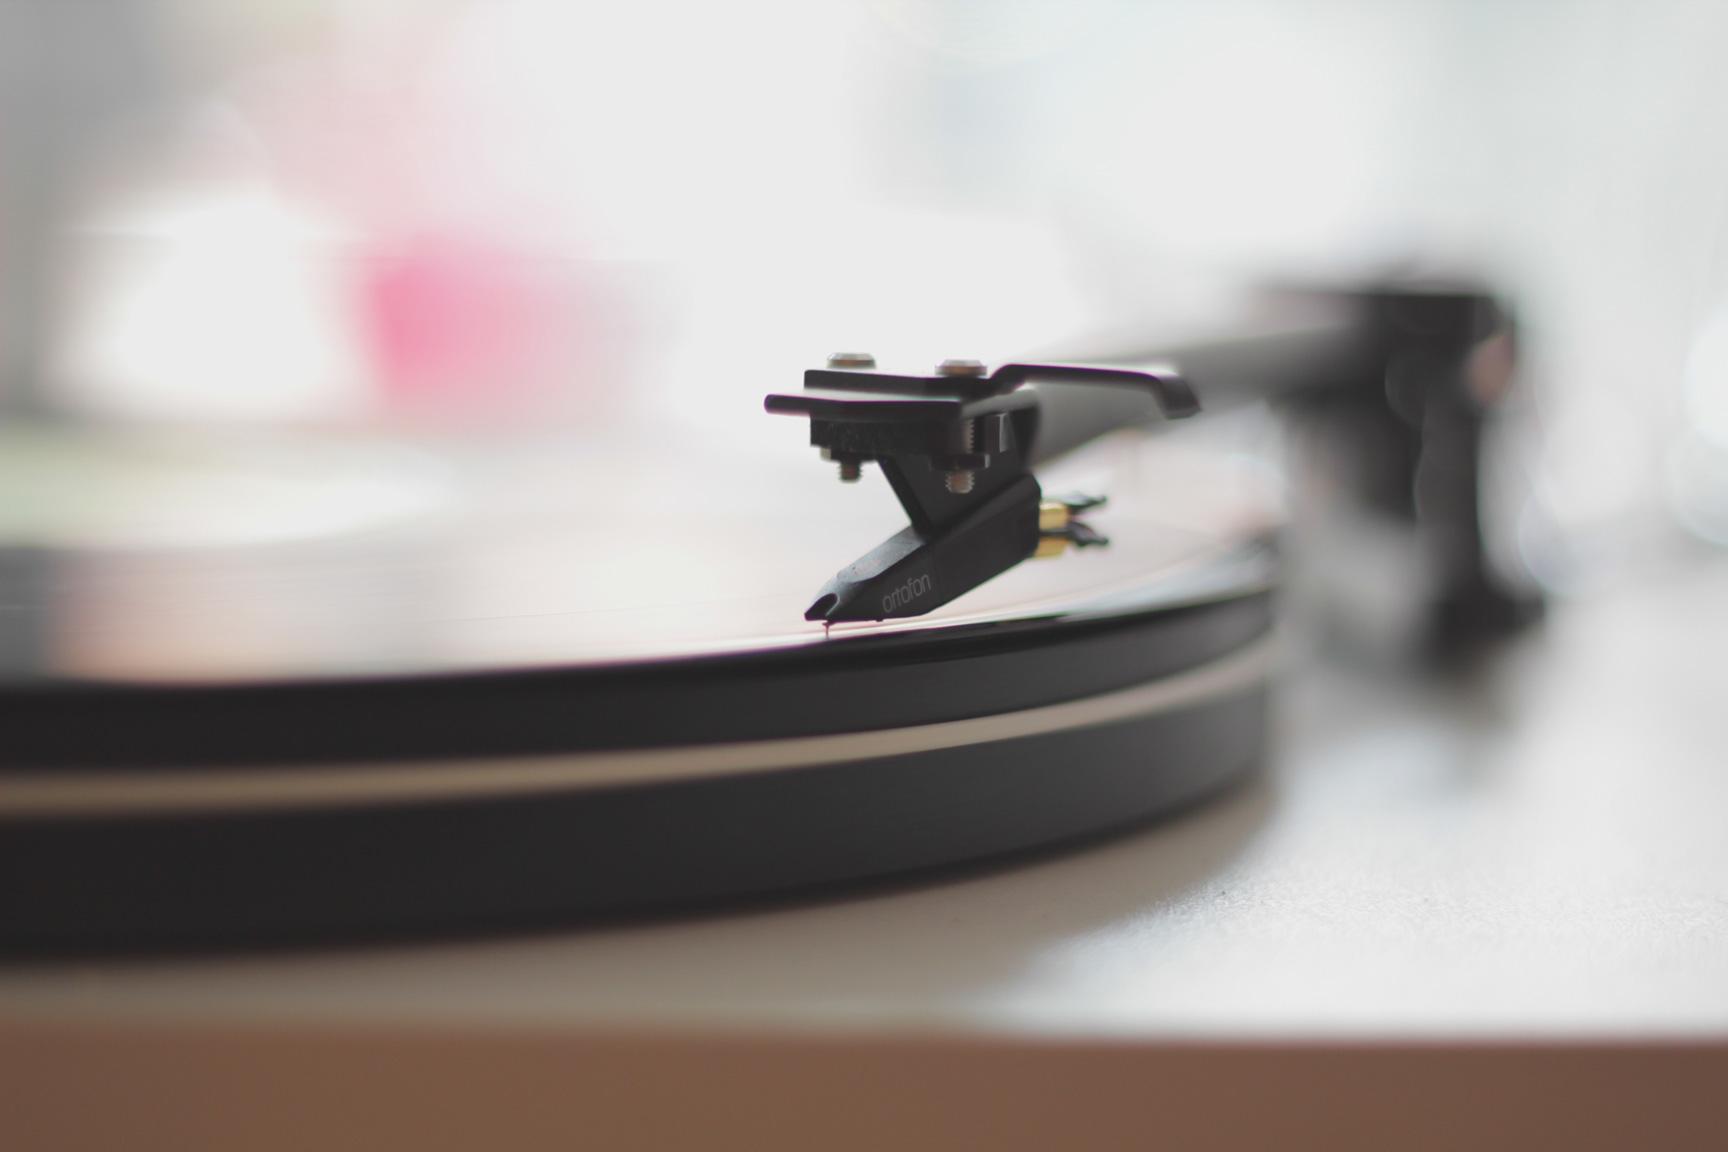 Schallplatten gewinnen zunehmend wieder an Beliebtheit. Foto: unsplash.com